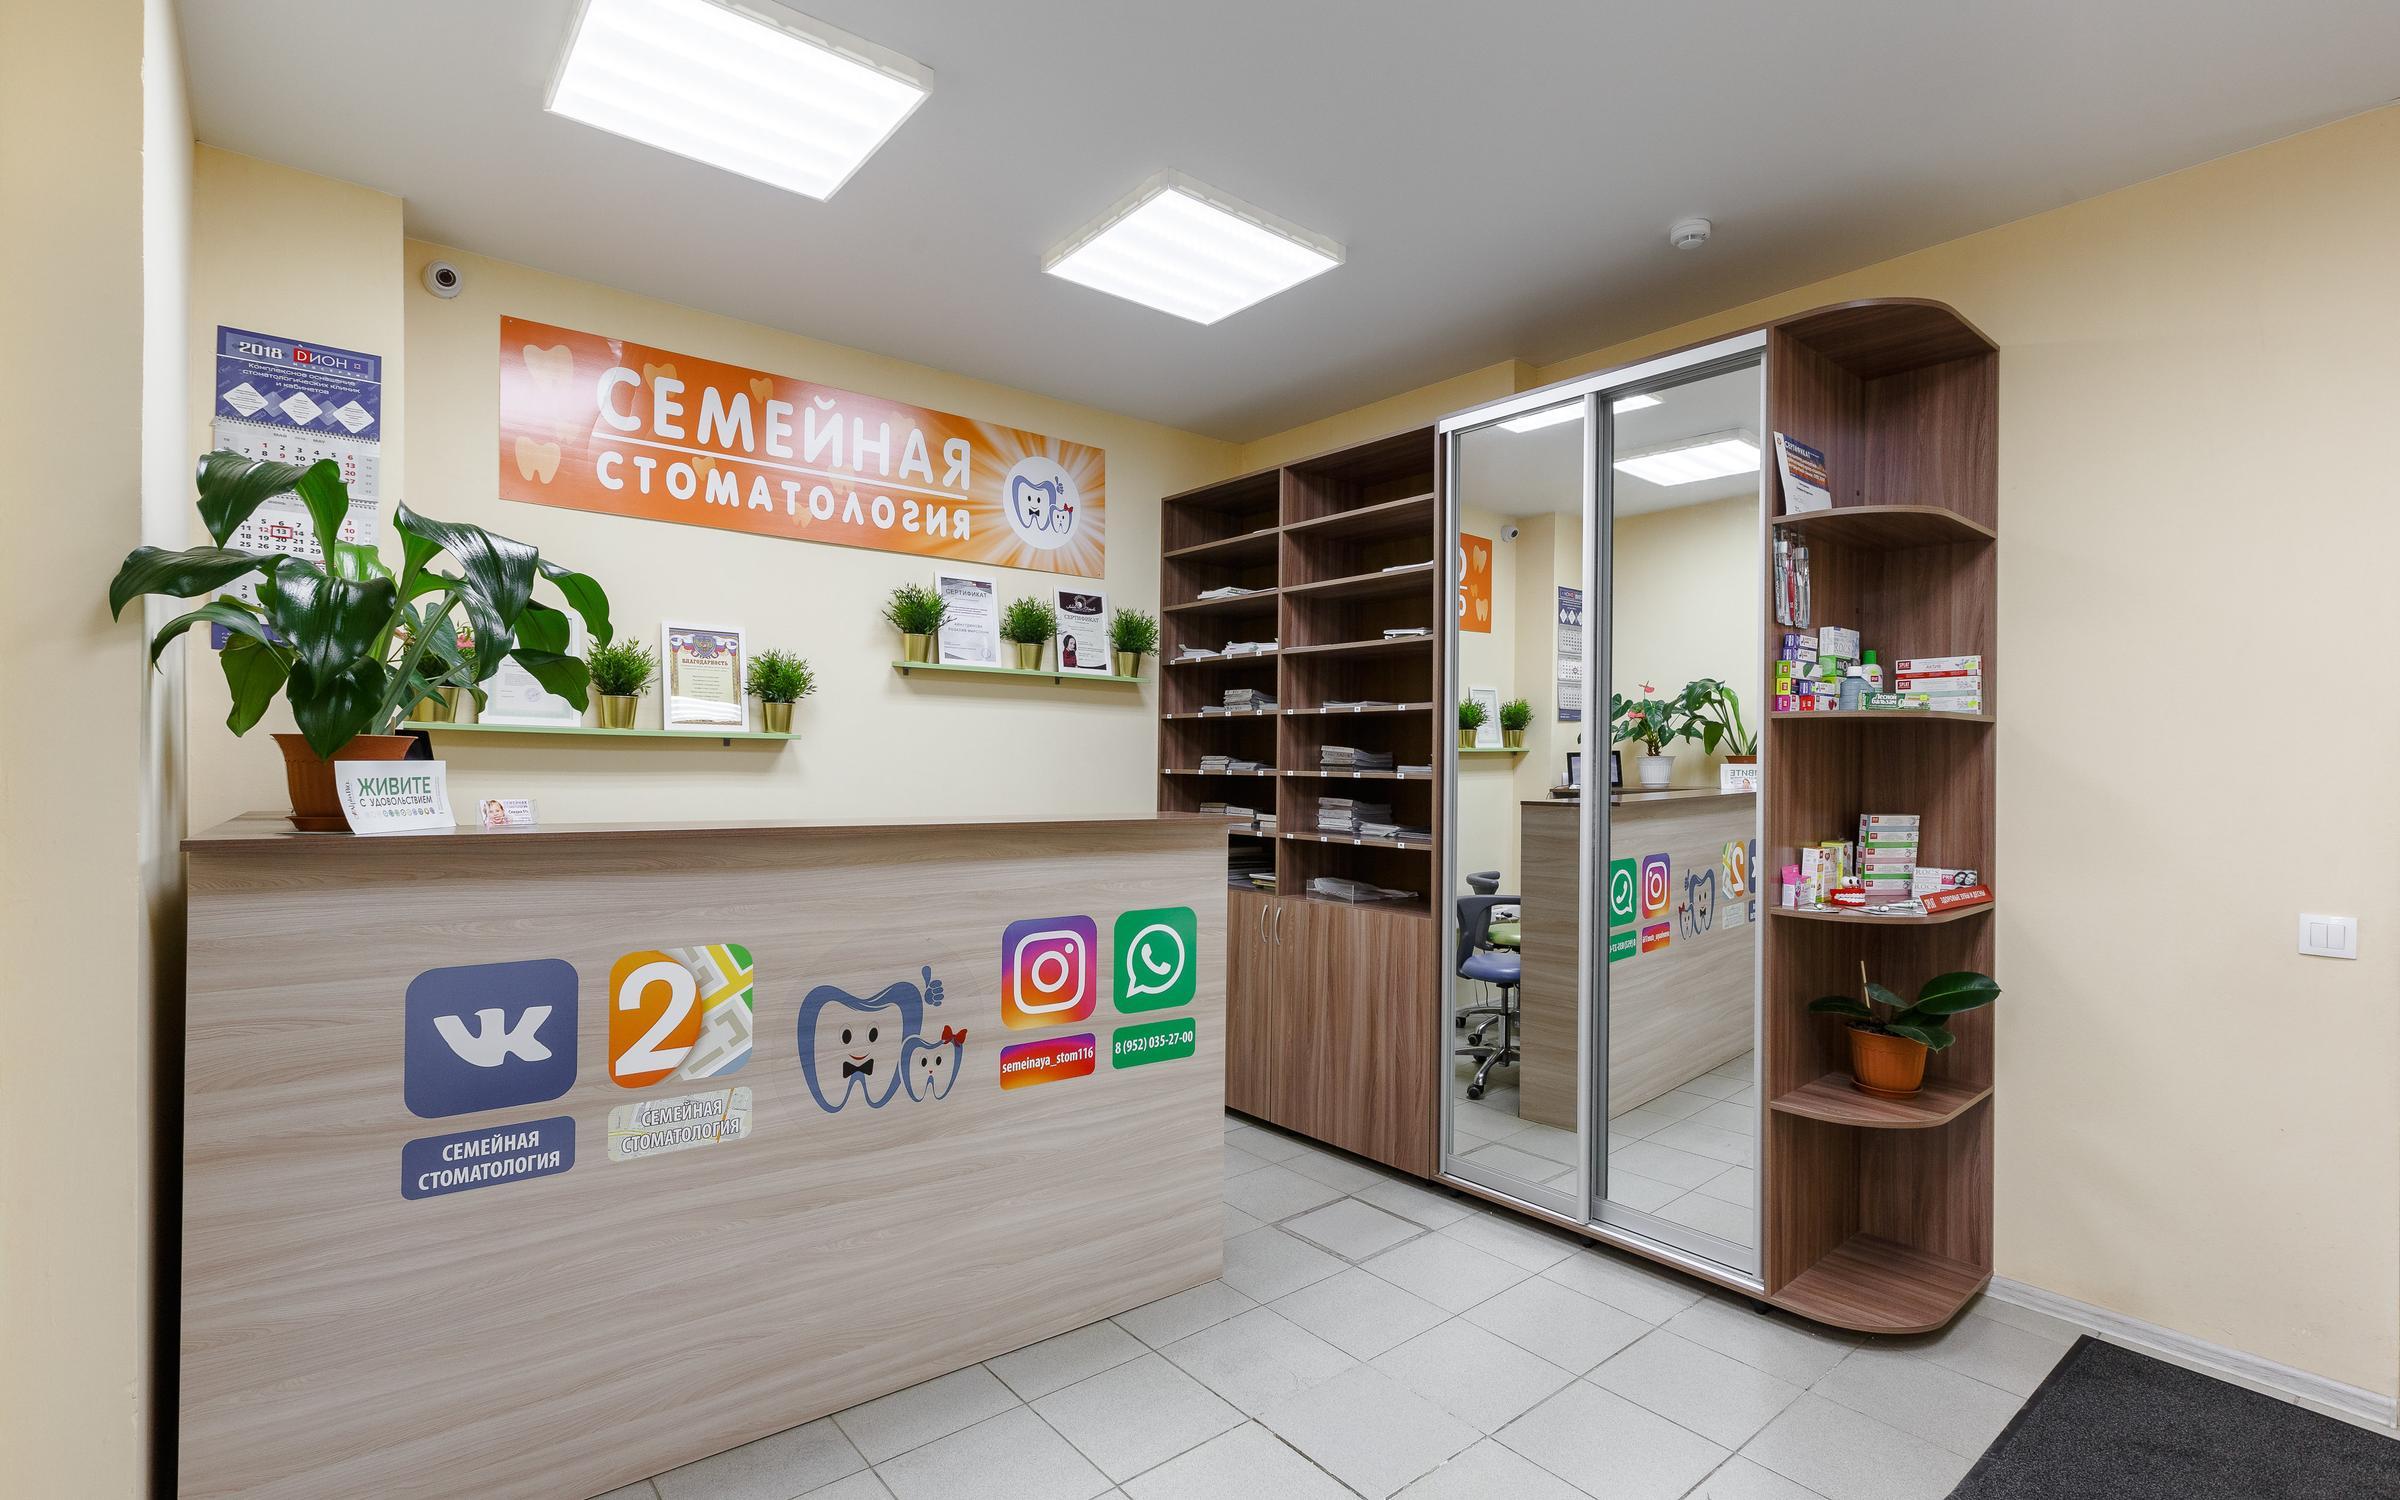 фотография Семейной стоматологии на улице Симонова